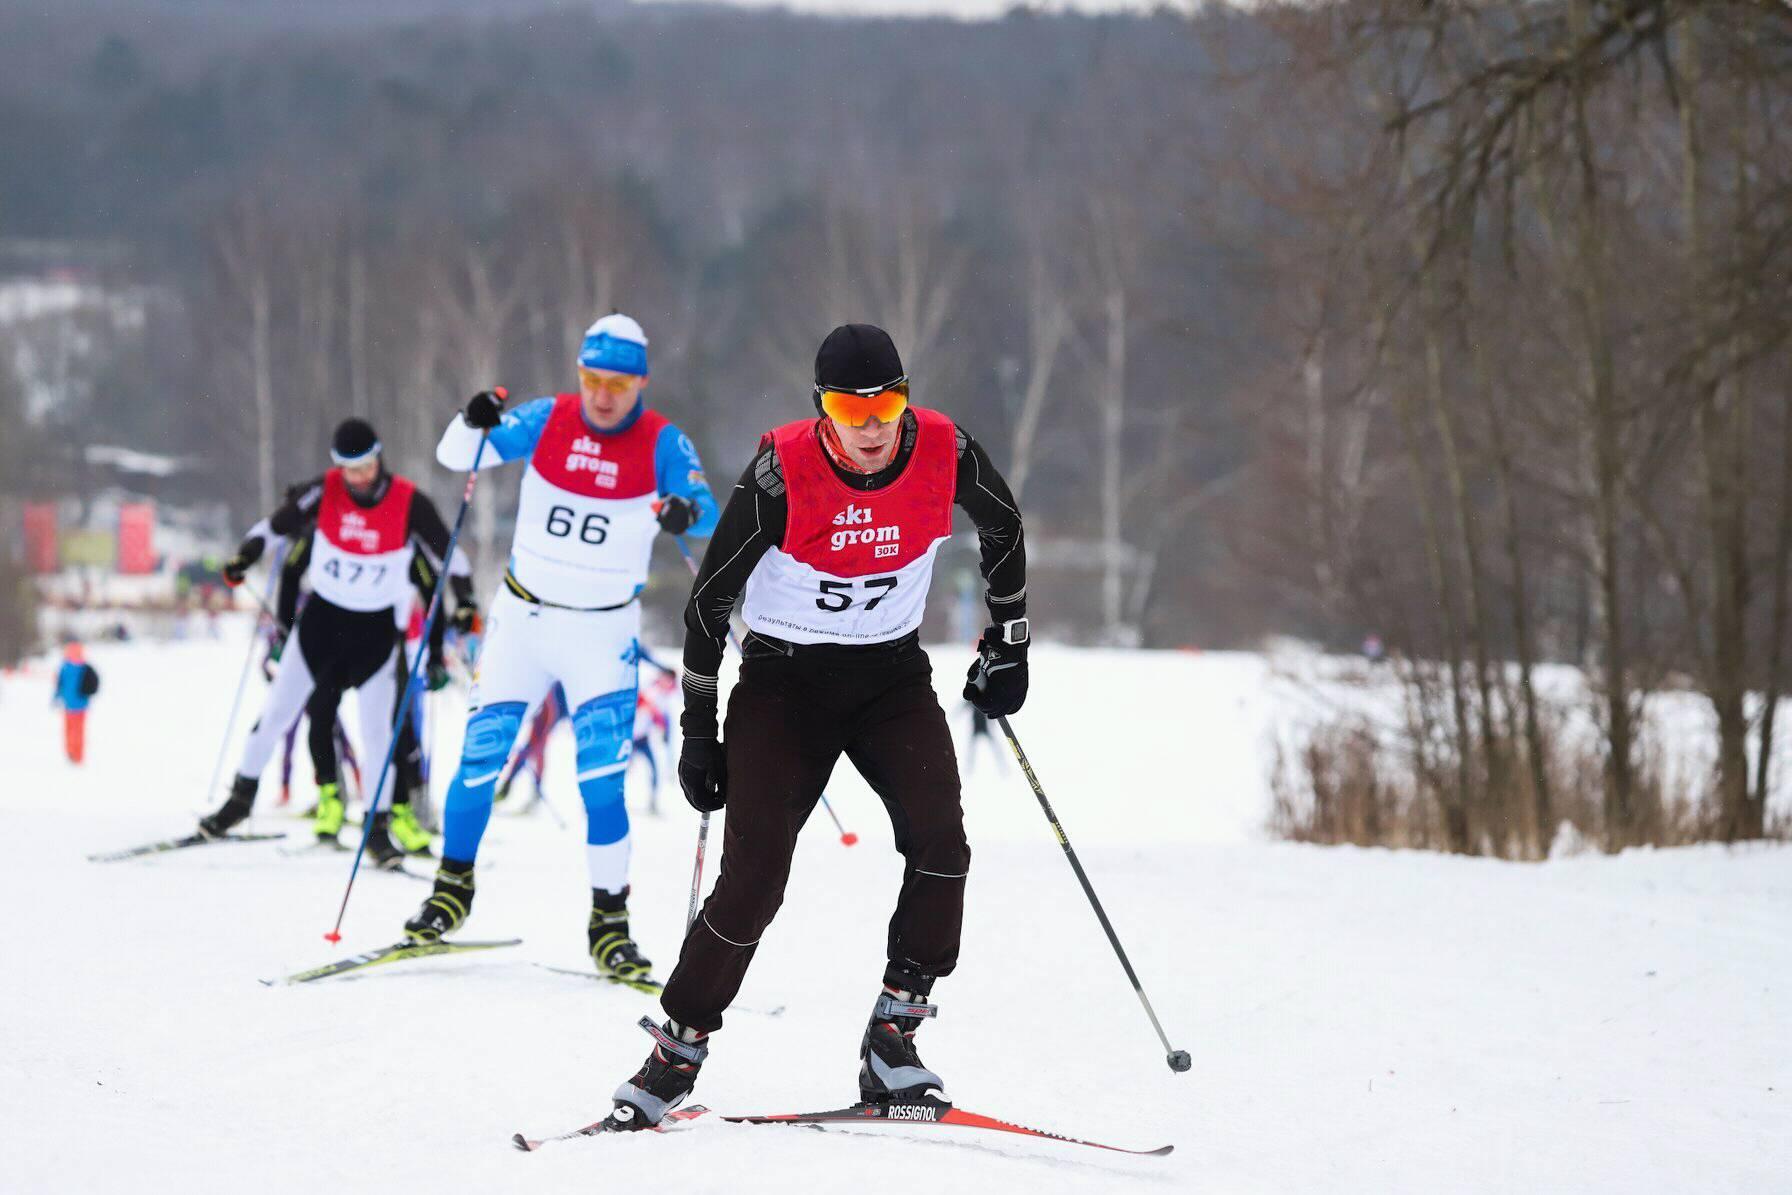 Лыжная гонка SkiGrom 30k в Битце